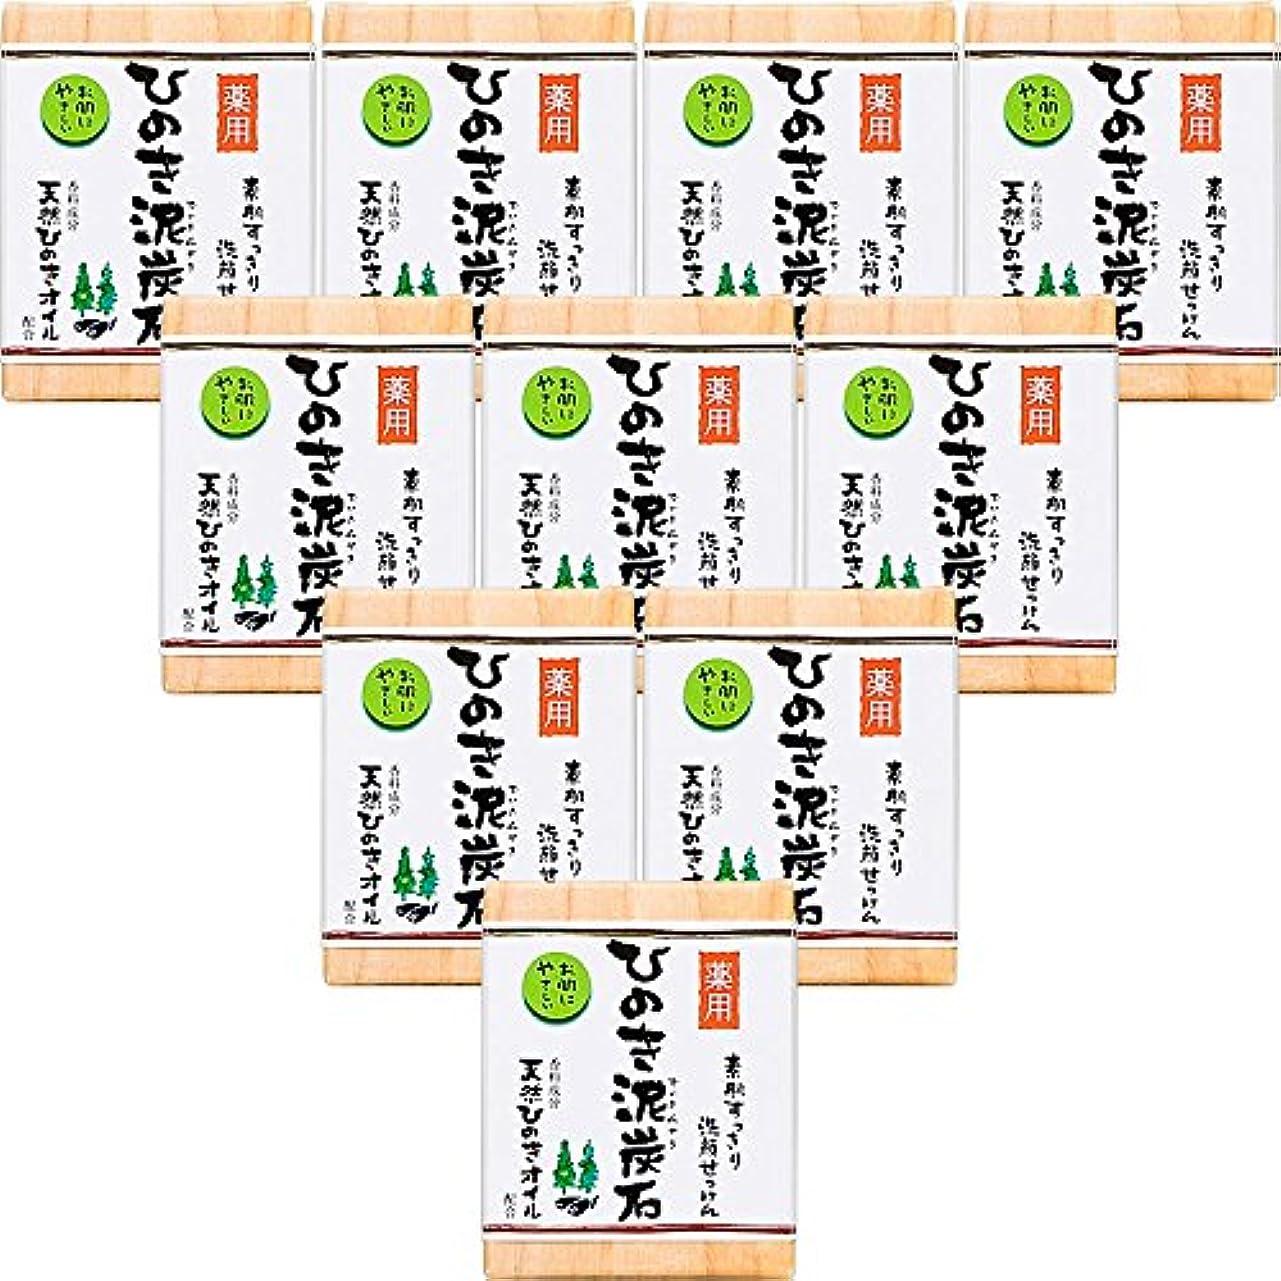 階段思慮深い相対的薬用 ひのき泥炭石 洗顔せっけん (75g×10個) 石けん [天然ひのきオイル配合] 肌荒れ防止